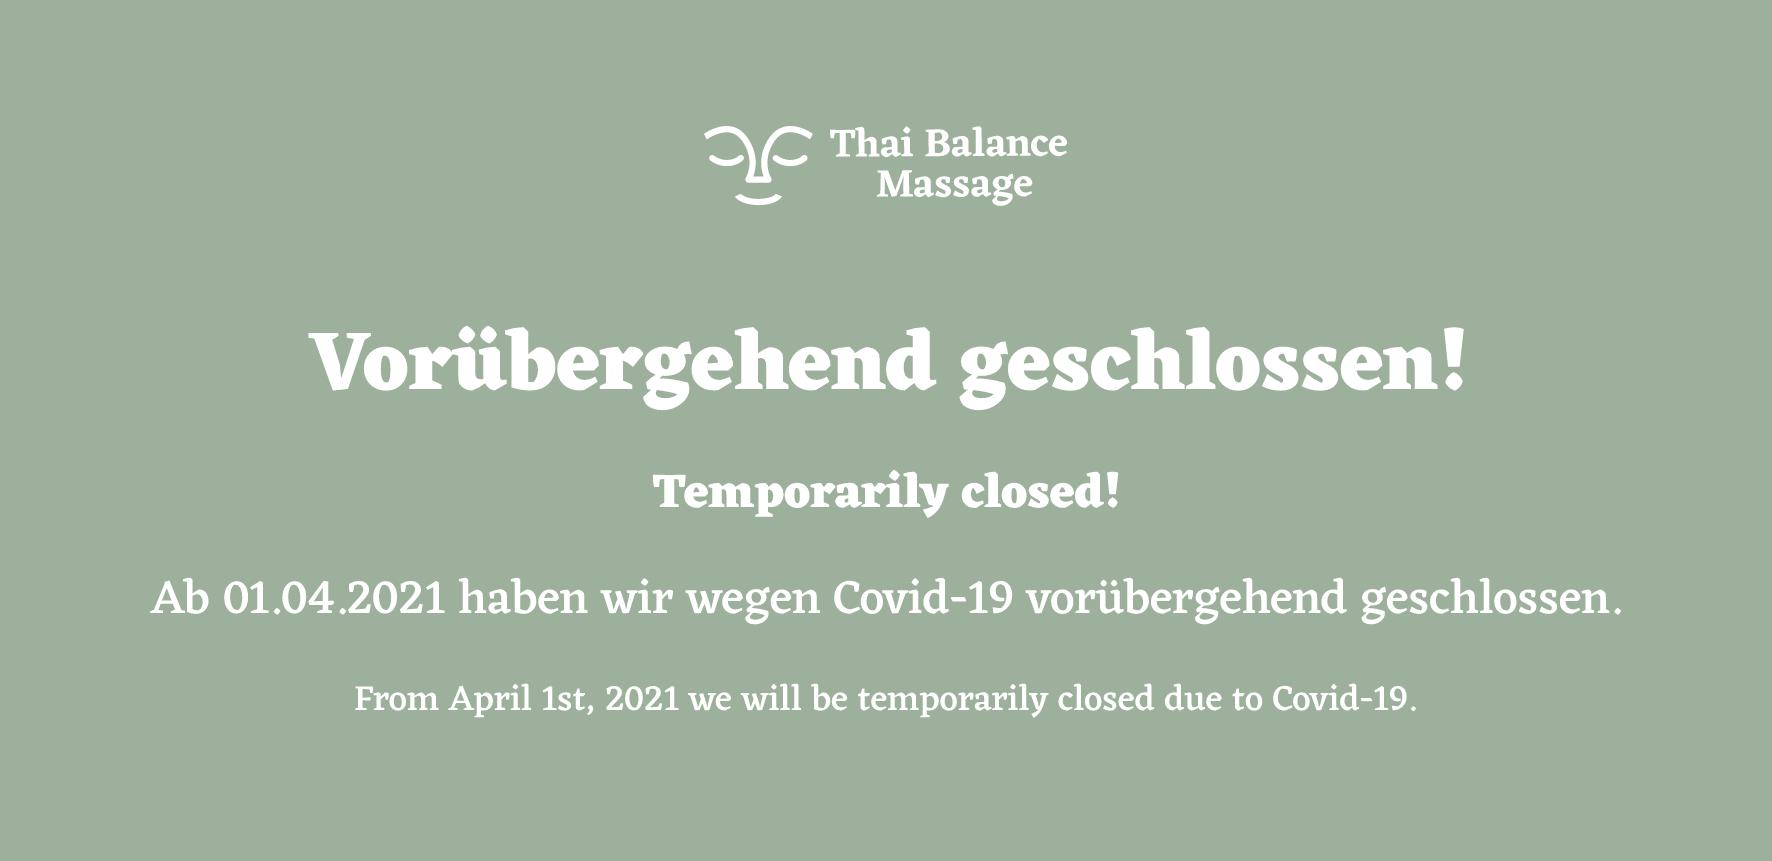 Wegen Covid-19 ab 01.04.2021 vorübergehend geschlossen.